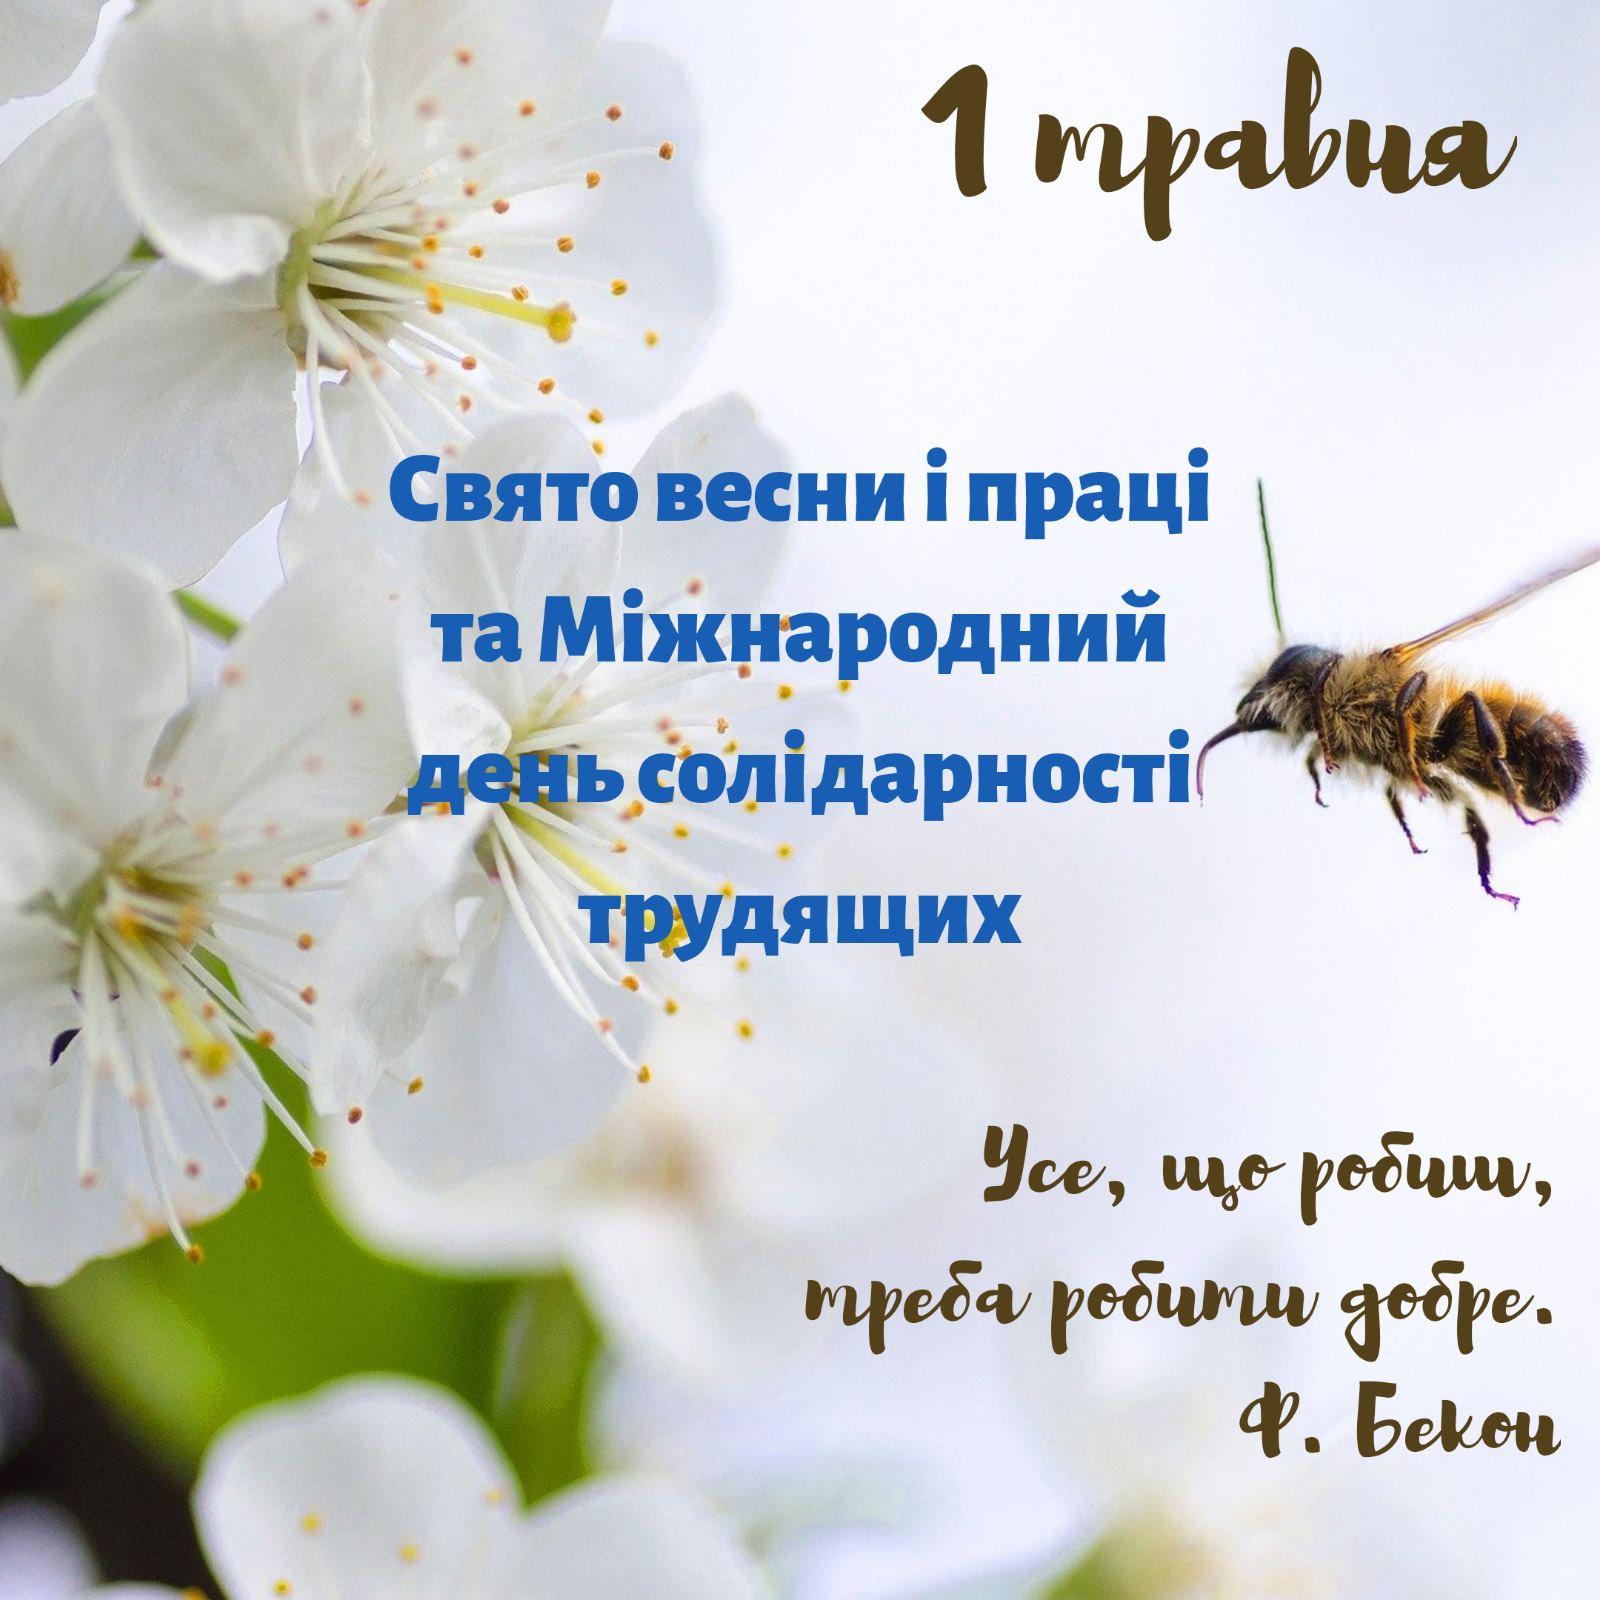 1 травня ми святкуємо День весни і праці та Міжнародний день